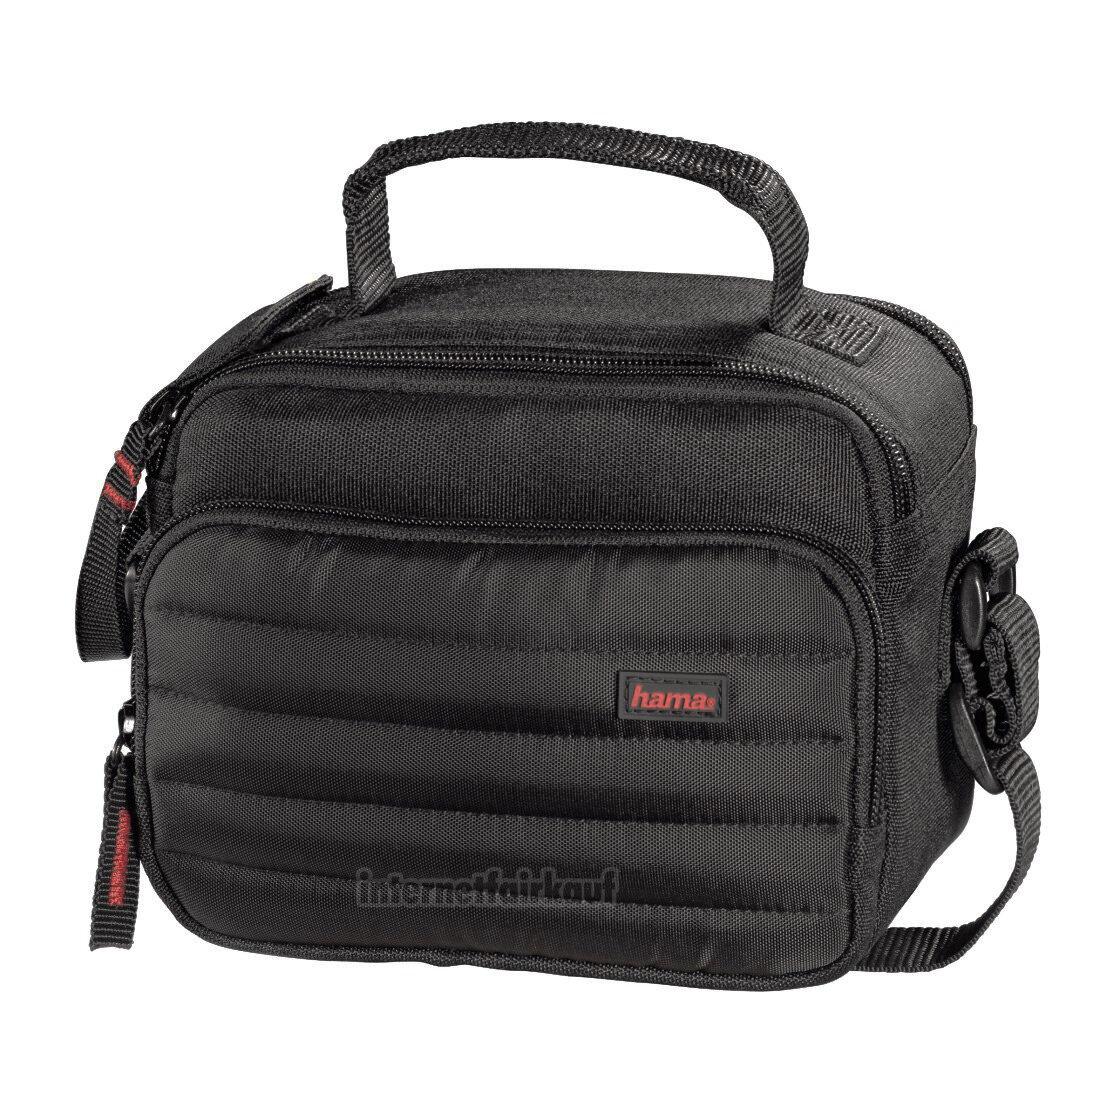 Hama Camcorder-Tasche Video-Tasche passend für Panasonic HC-X929